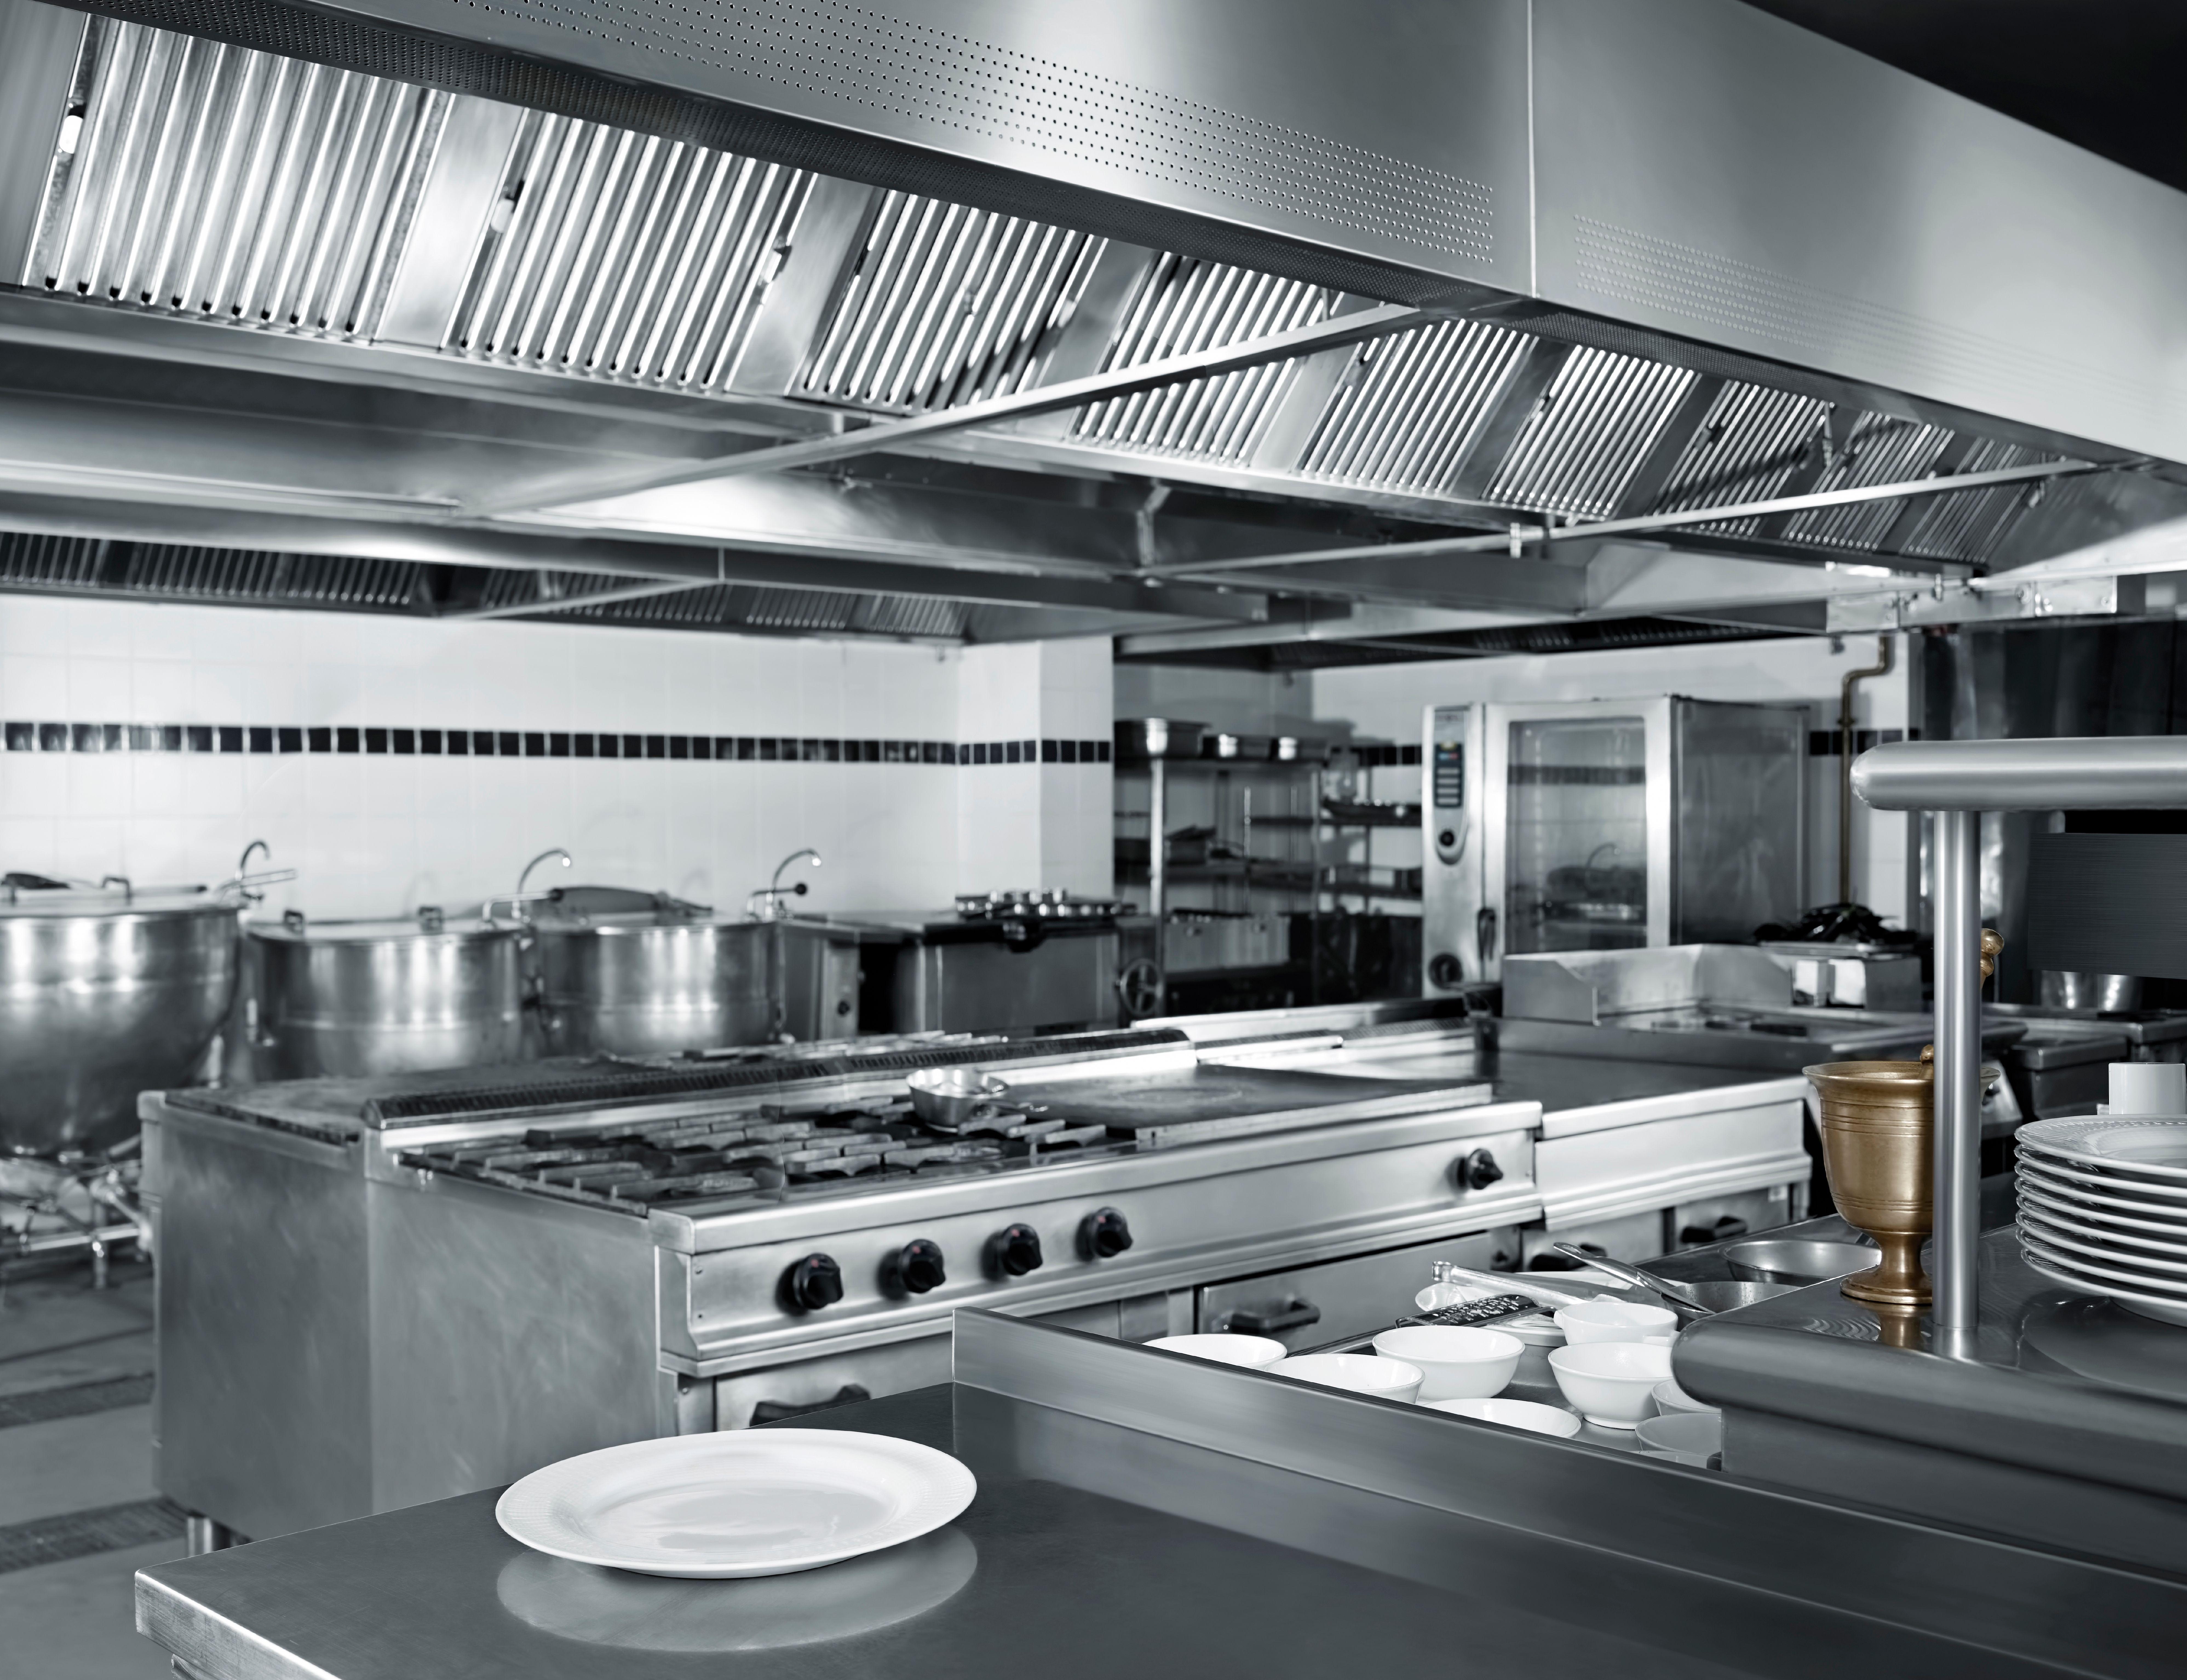 Mantenimiento de cocinas industriales